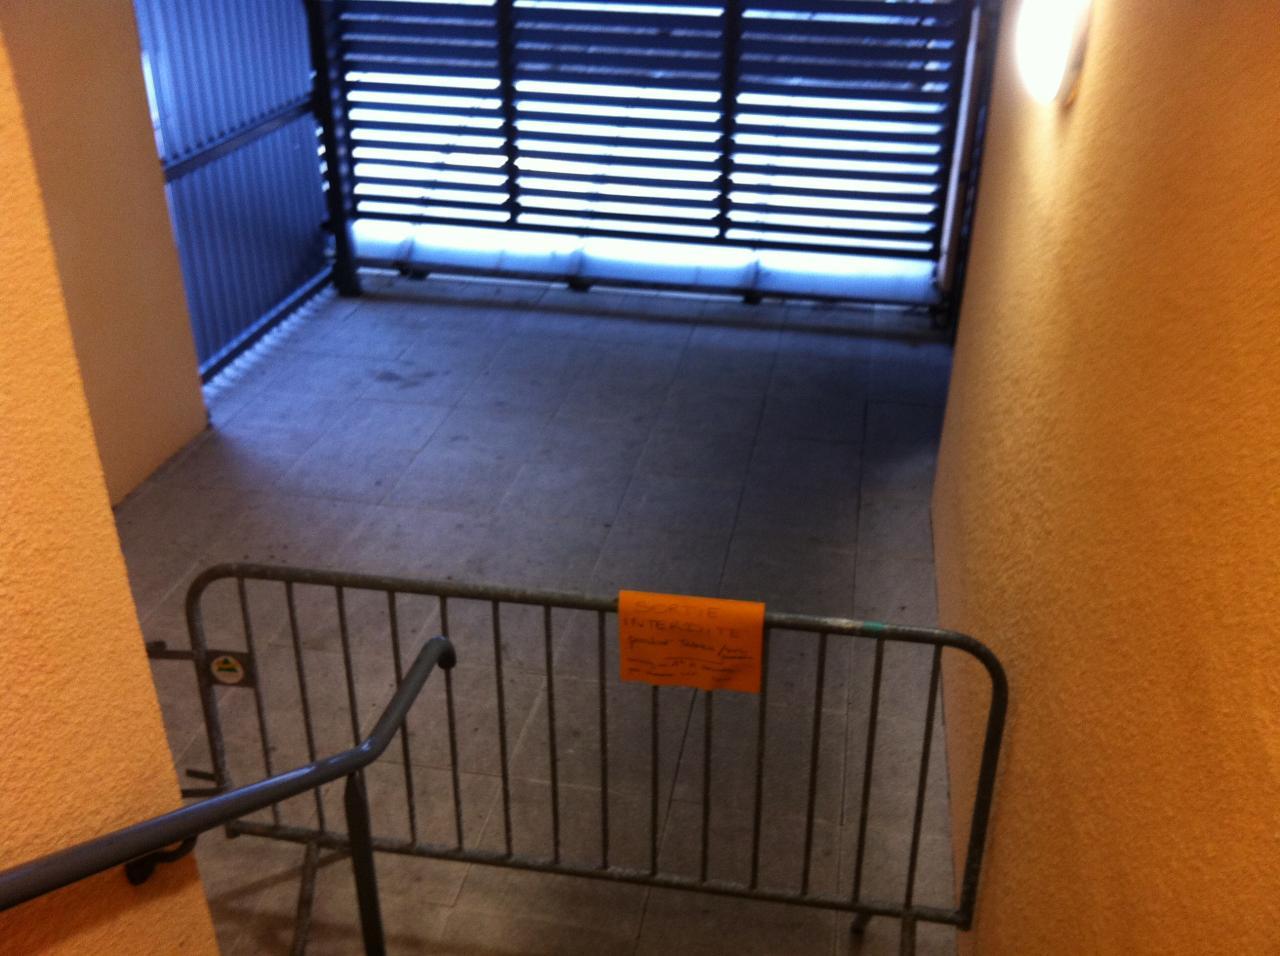 accès interdit